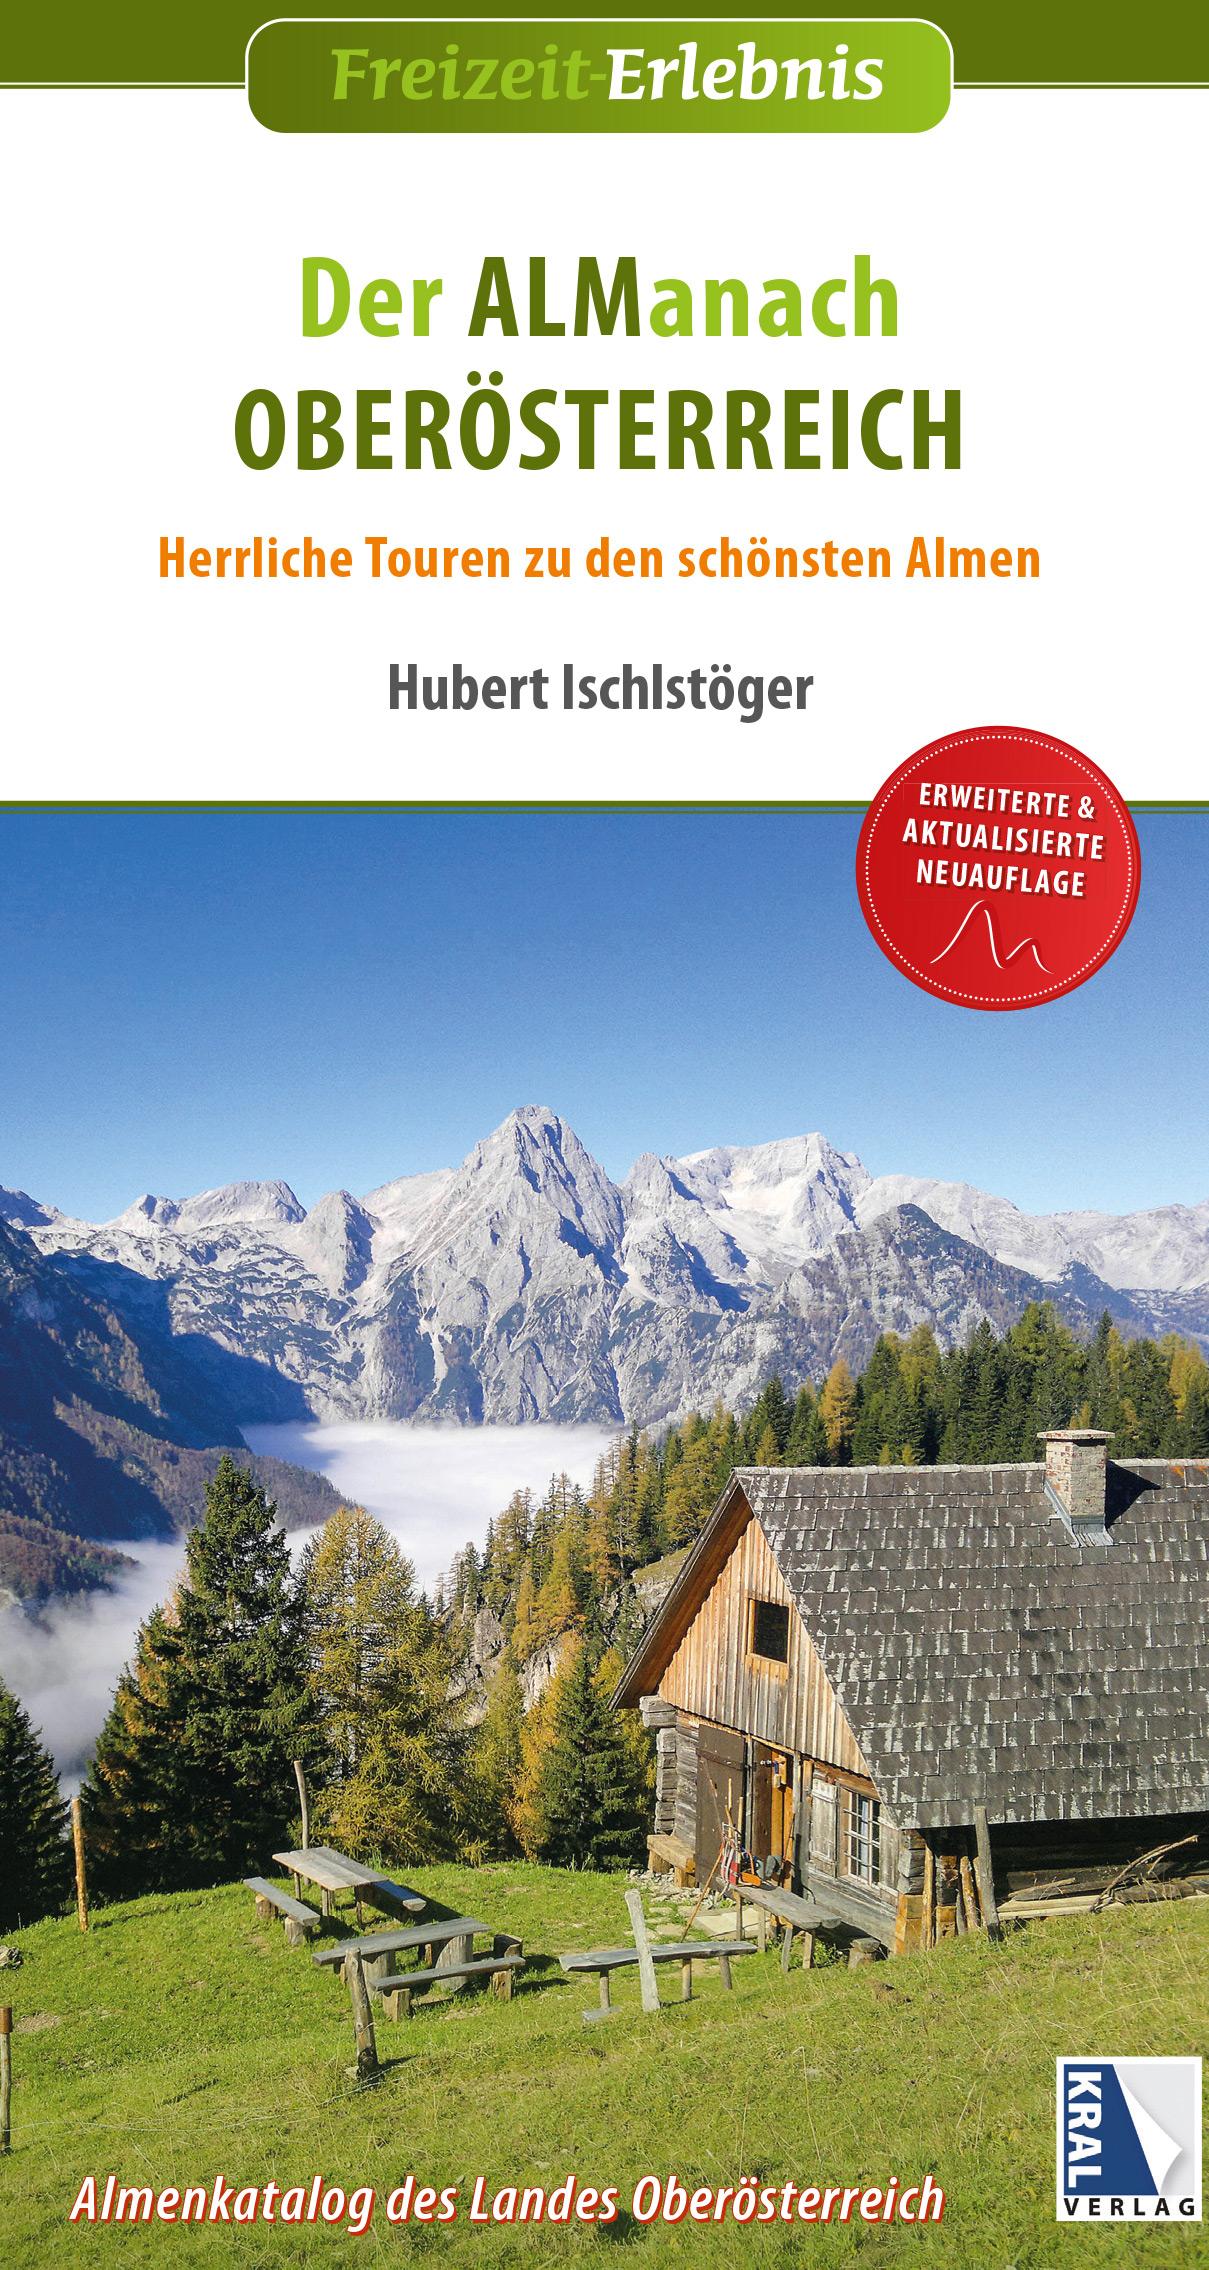 Der Almanach Oberösterreich